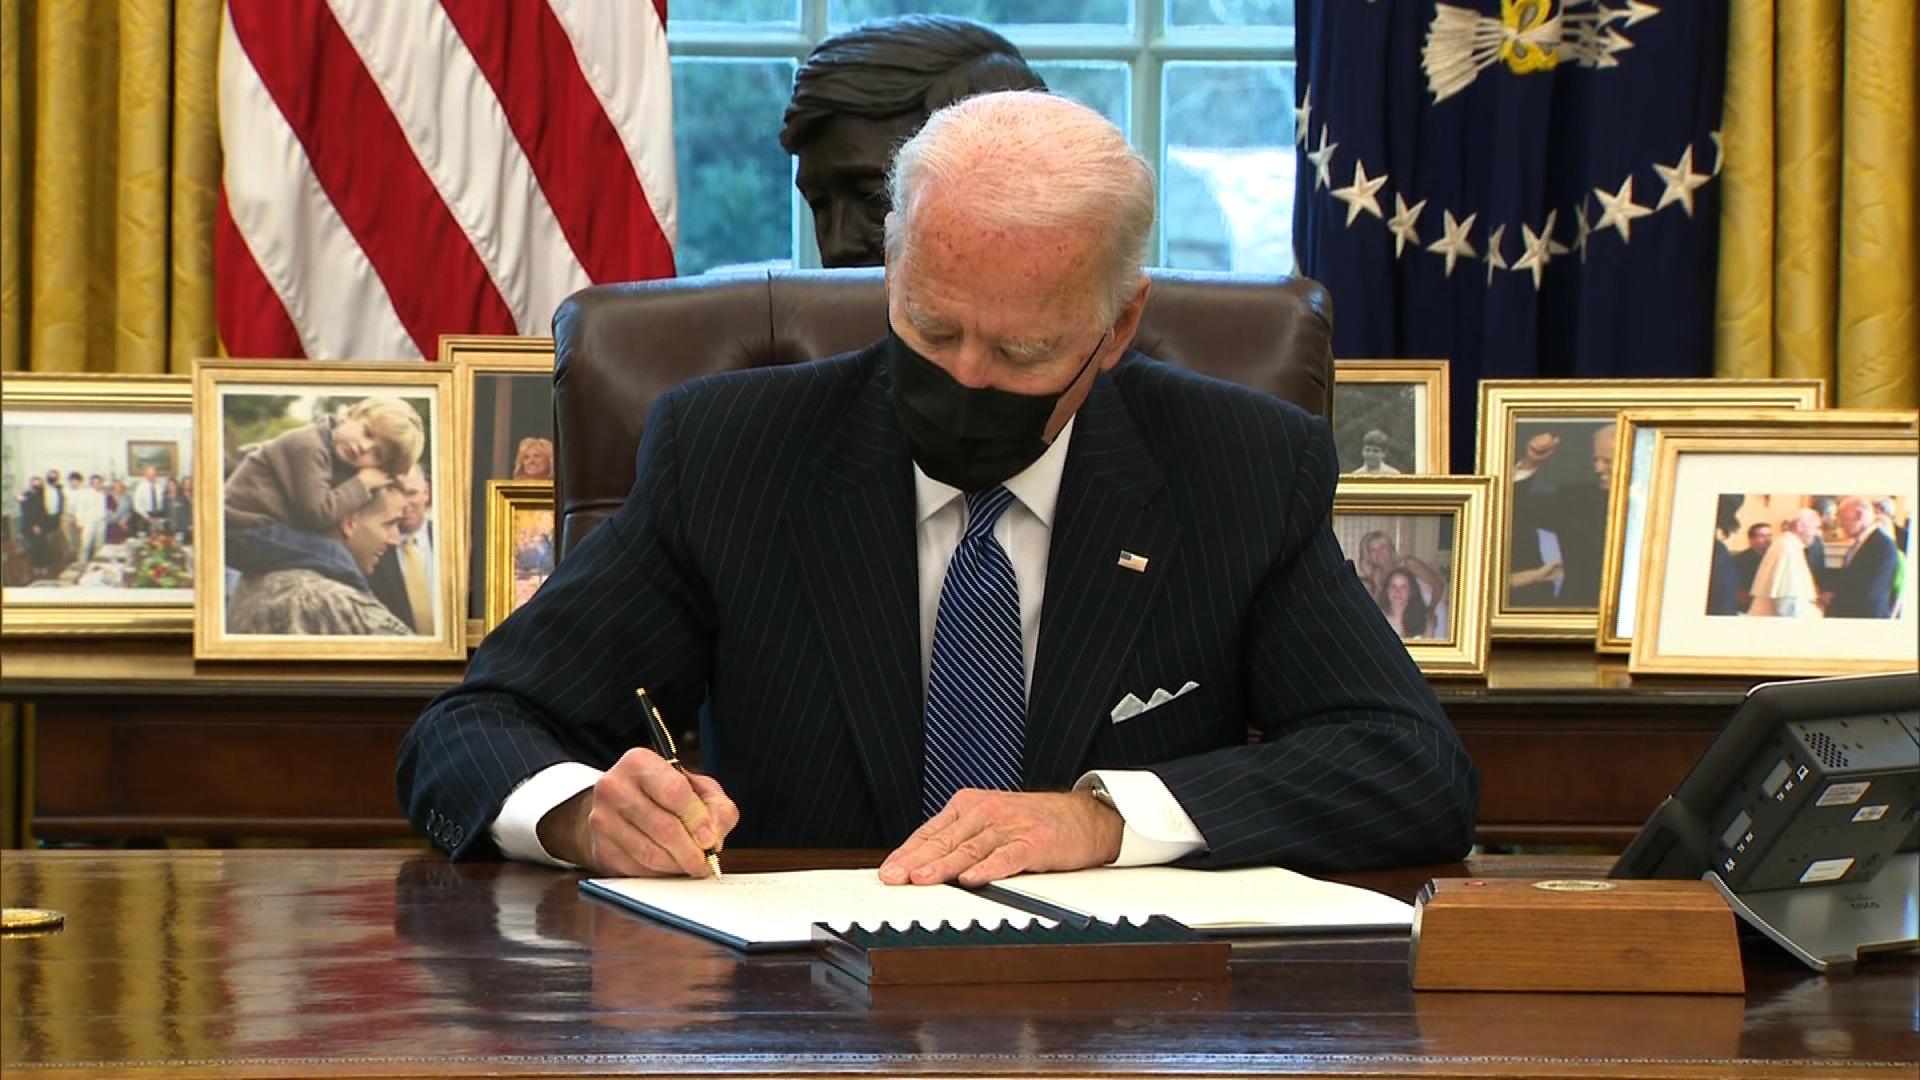 Biden presidency